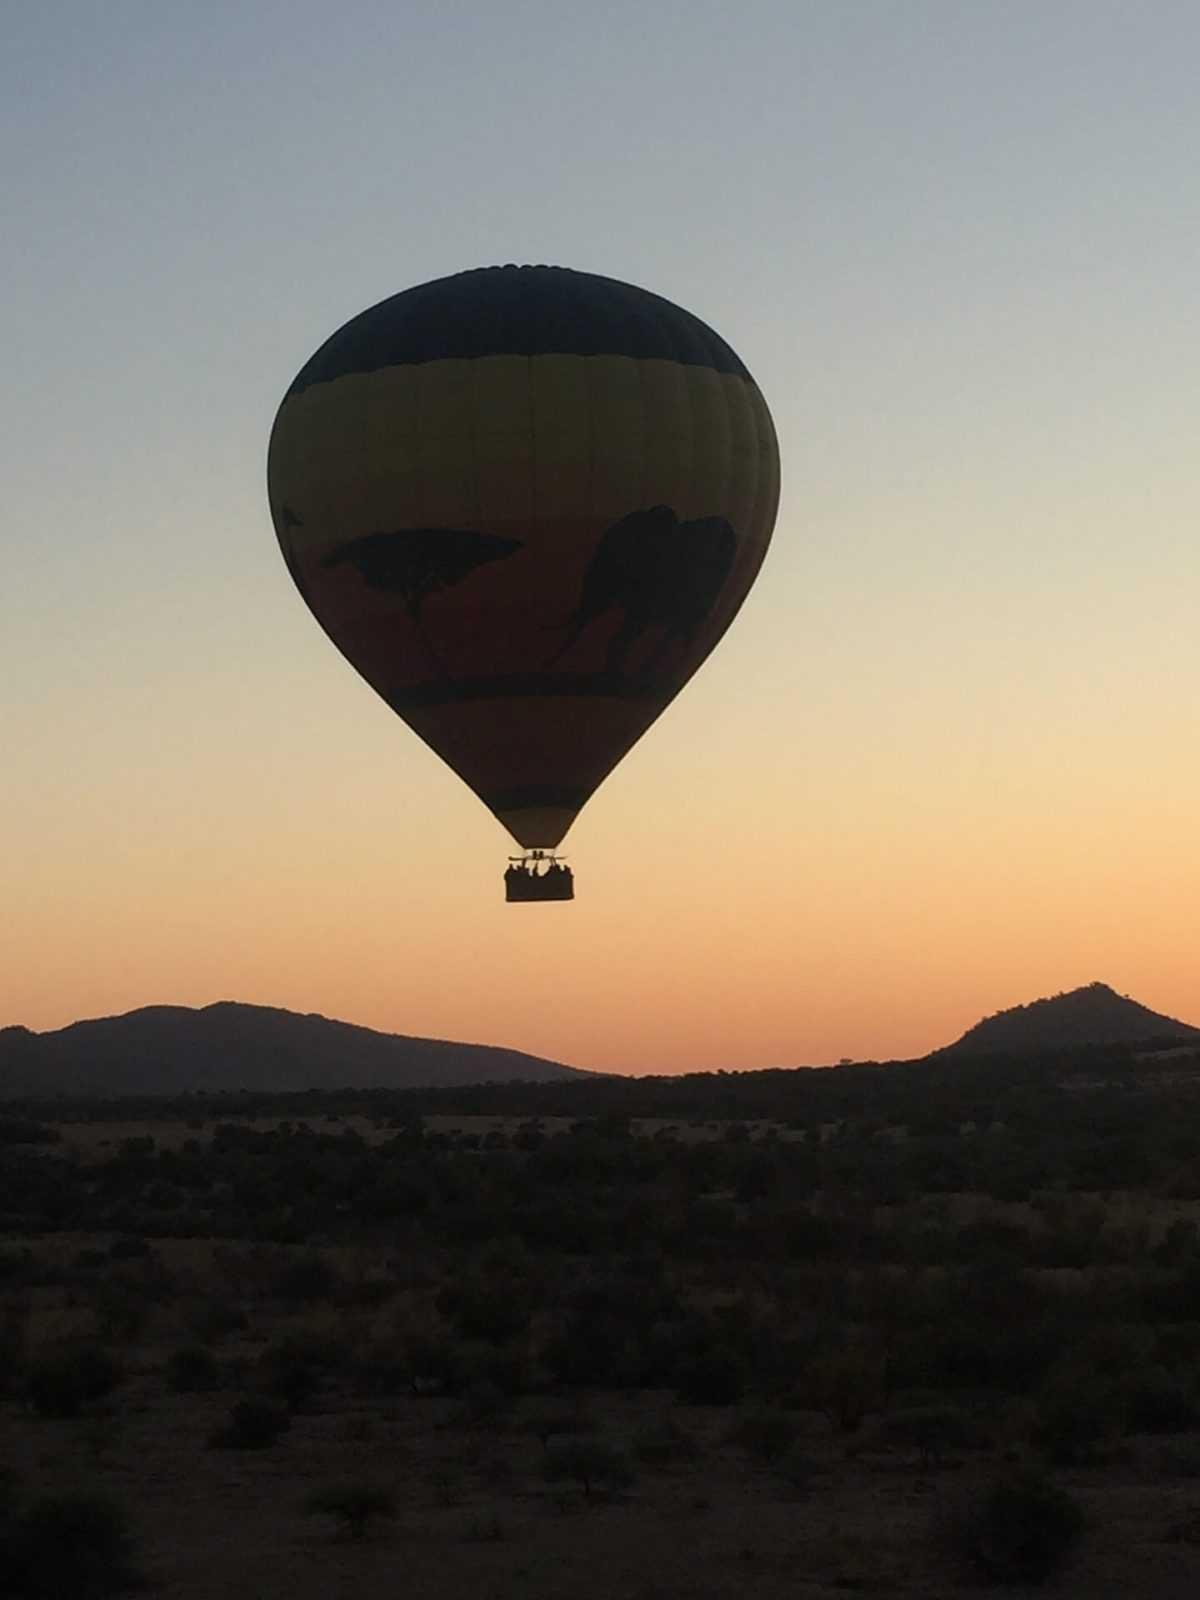 Hot air ballon flight